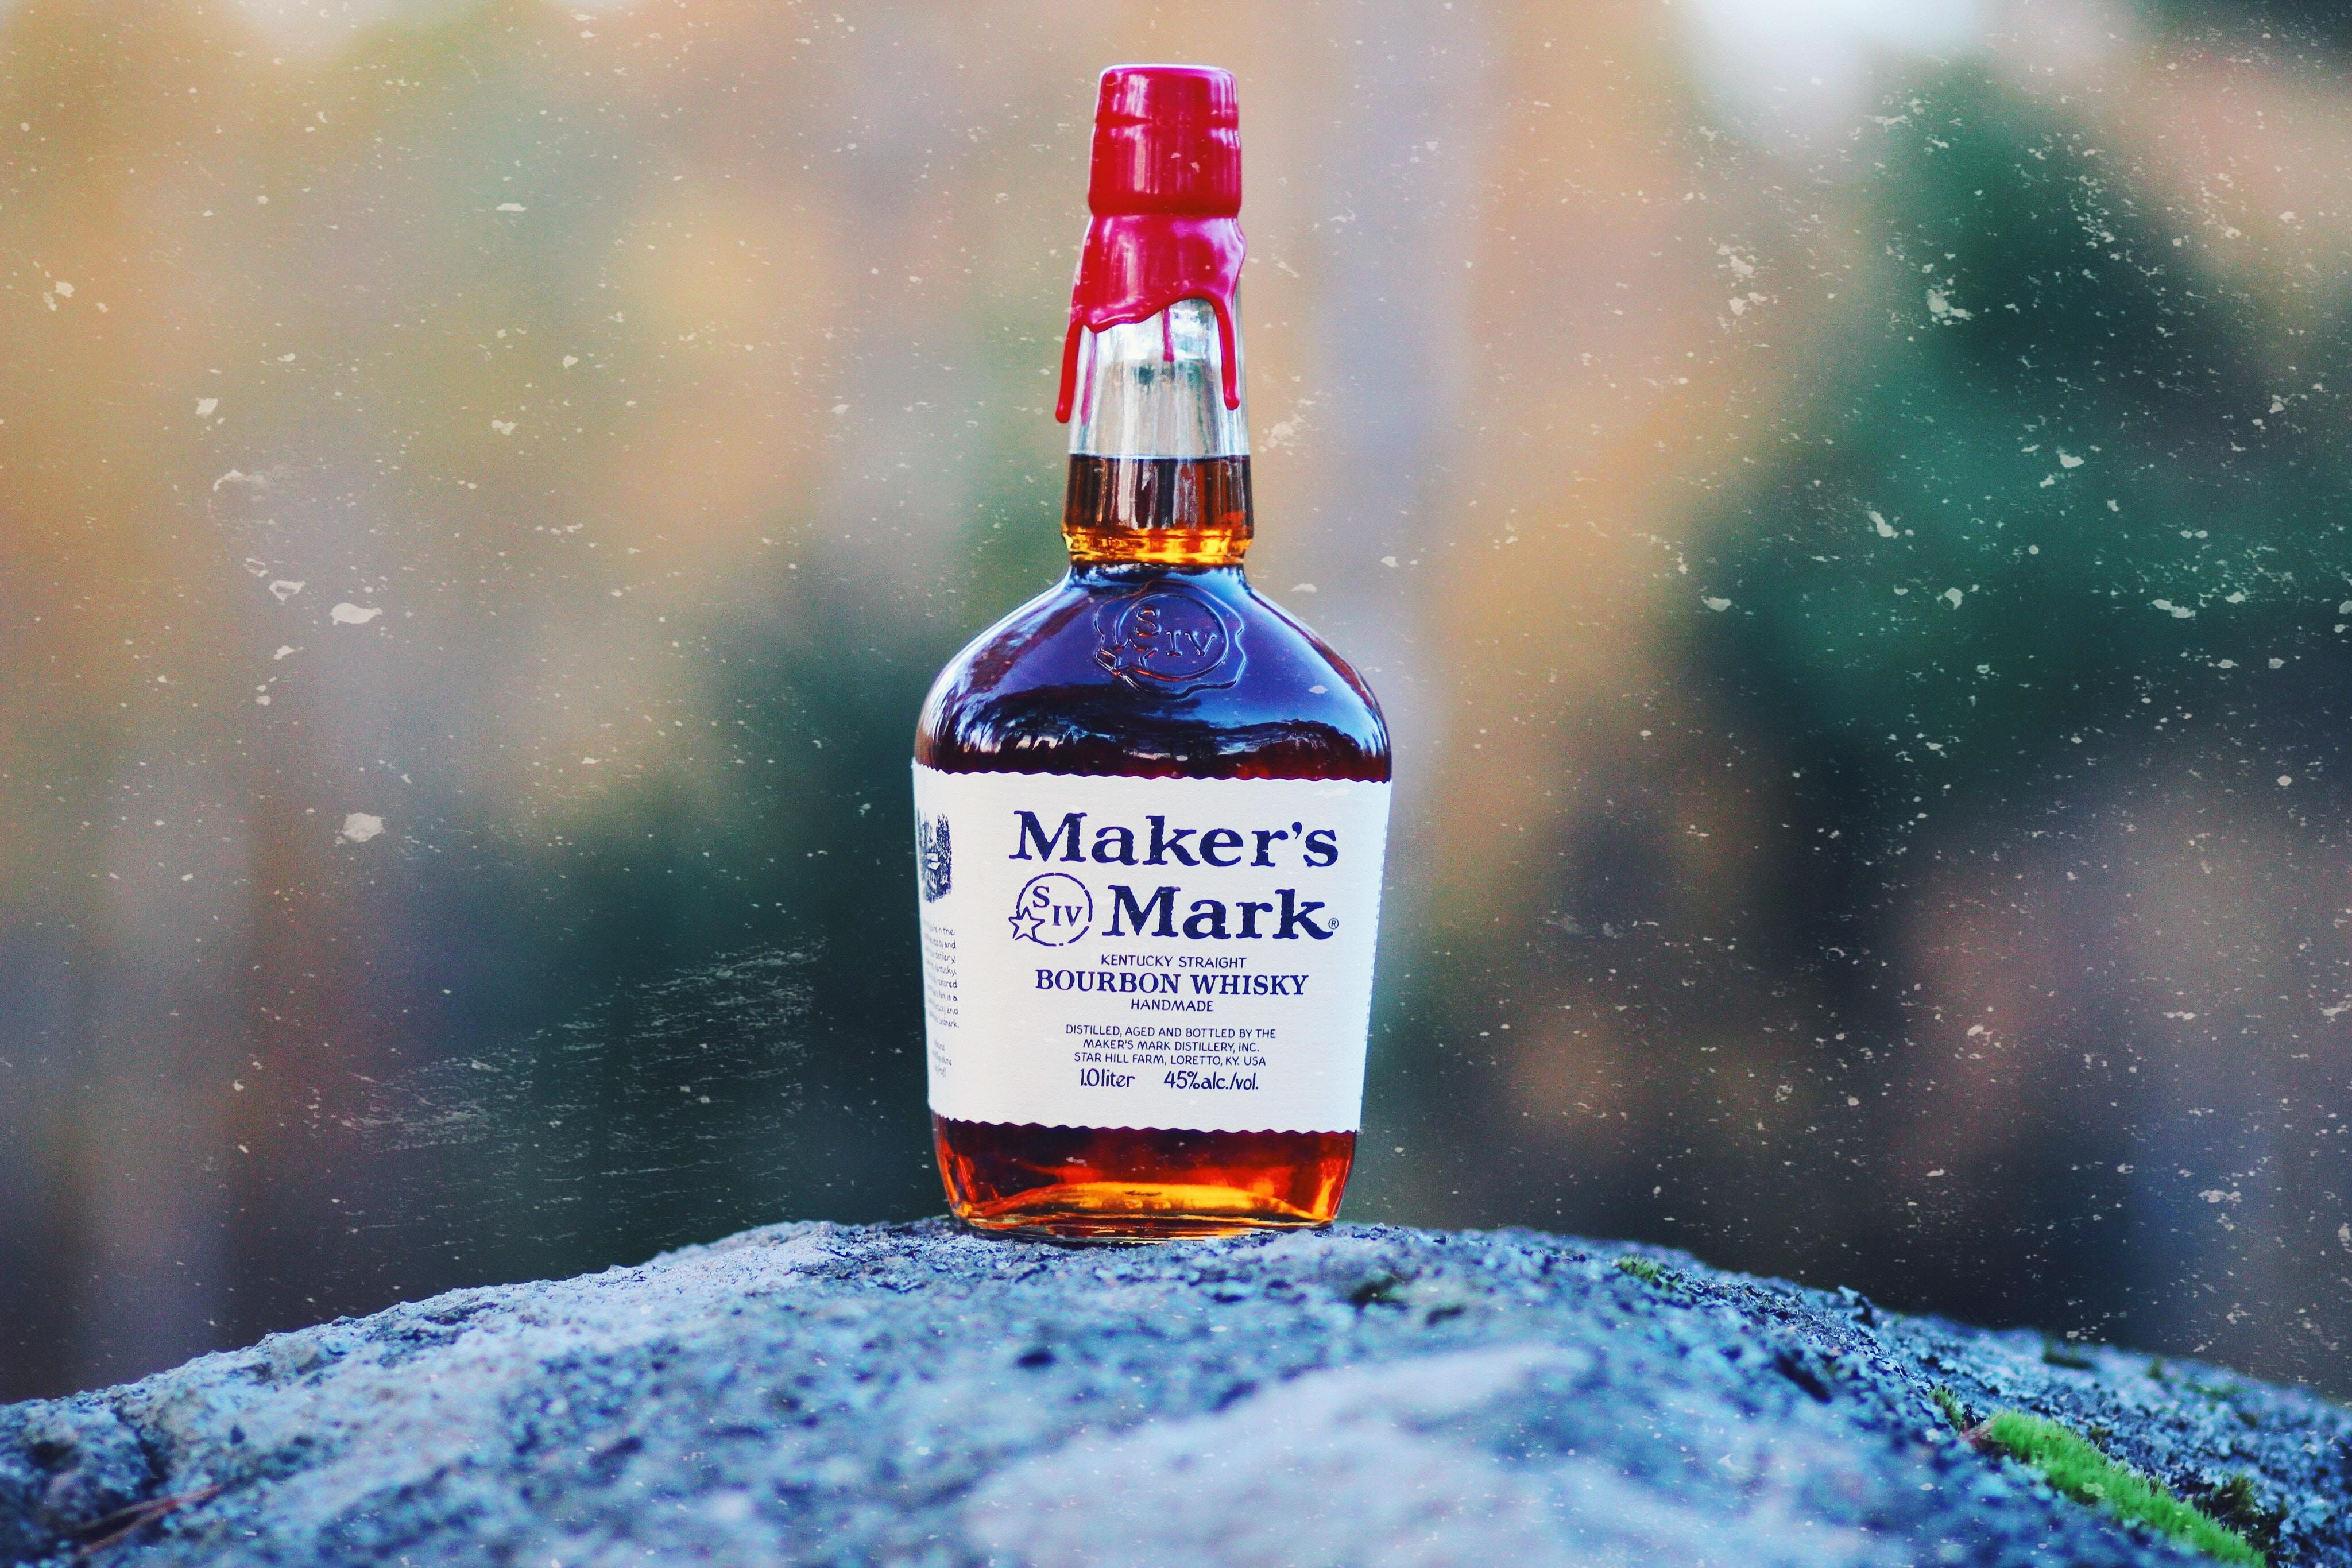 photo of Maker's Mark bottle